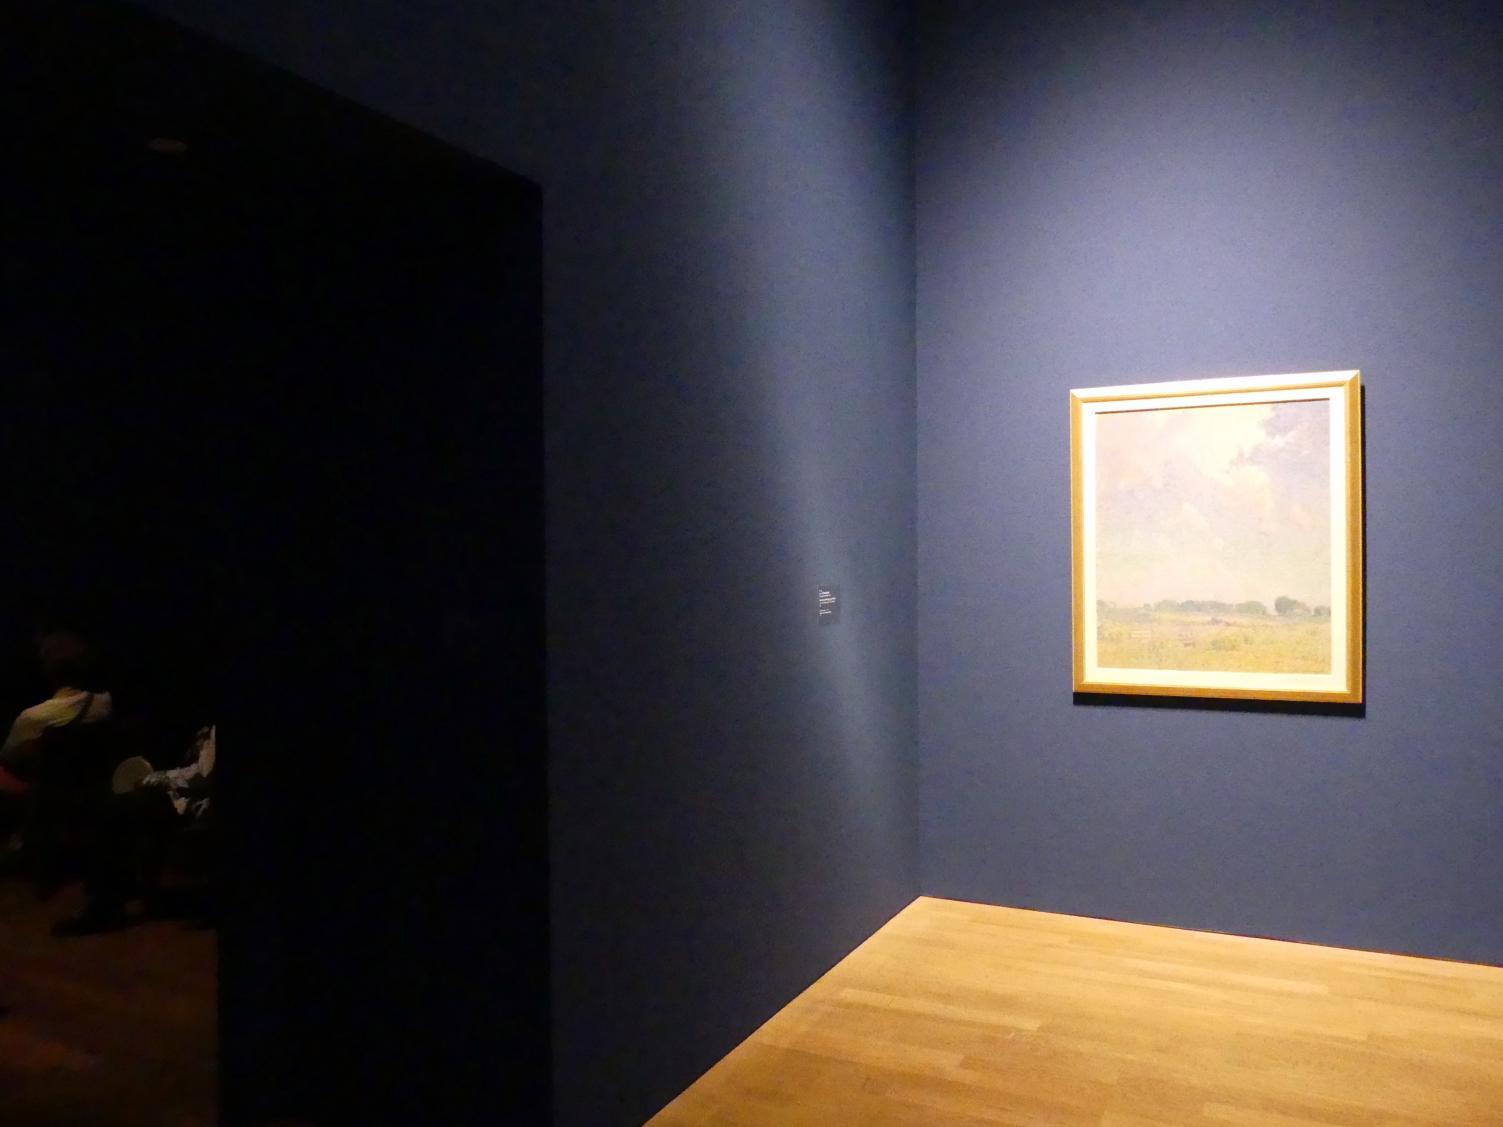 """München, Kunsthalle, Ausstellung """"Kanada und der Impressionismus"""" vom 19.7.-17.11.2019, Vom Impressionismus zur kanadischen Moderne, Bild 3/12"""